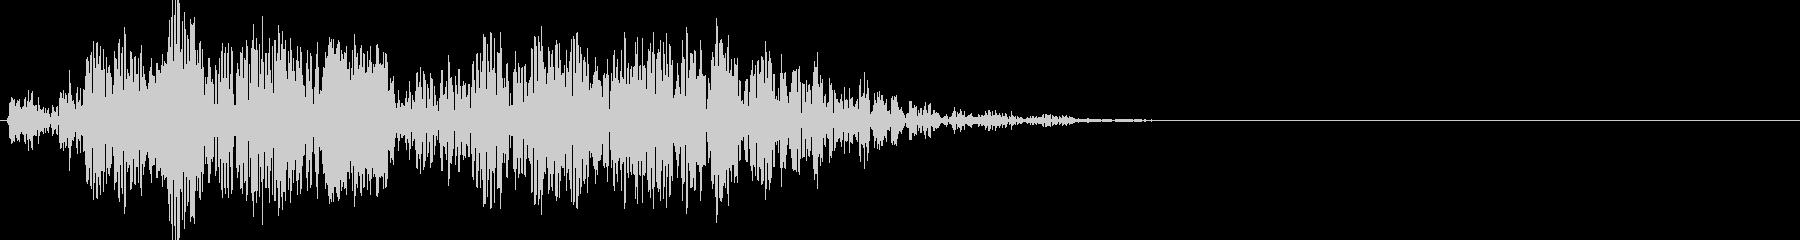 コロコロと鳴る不気味な音の未再生の波形